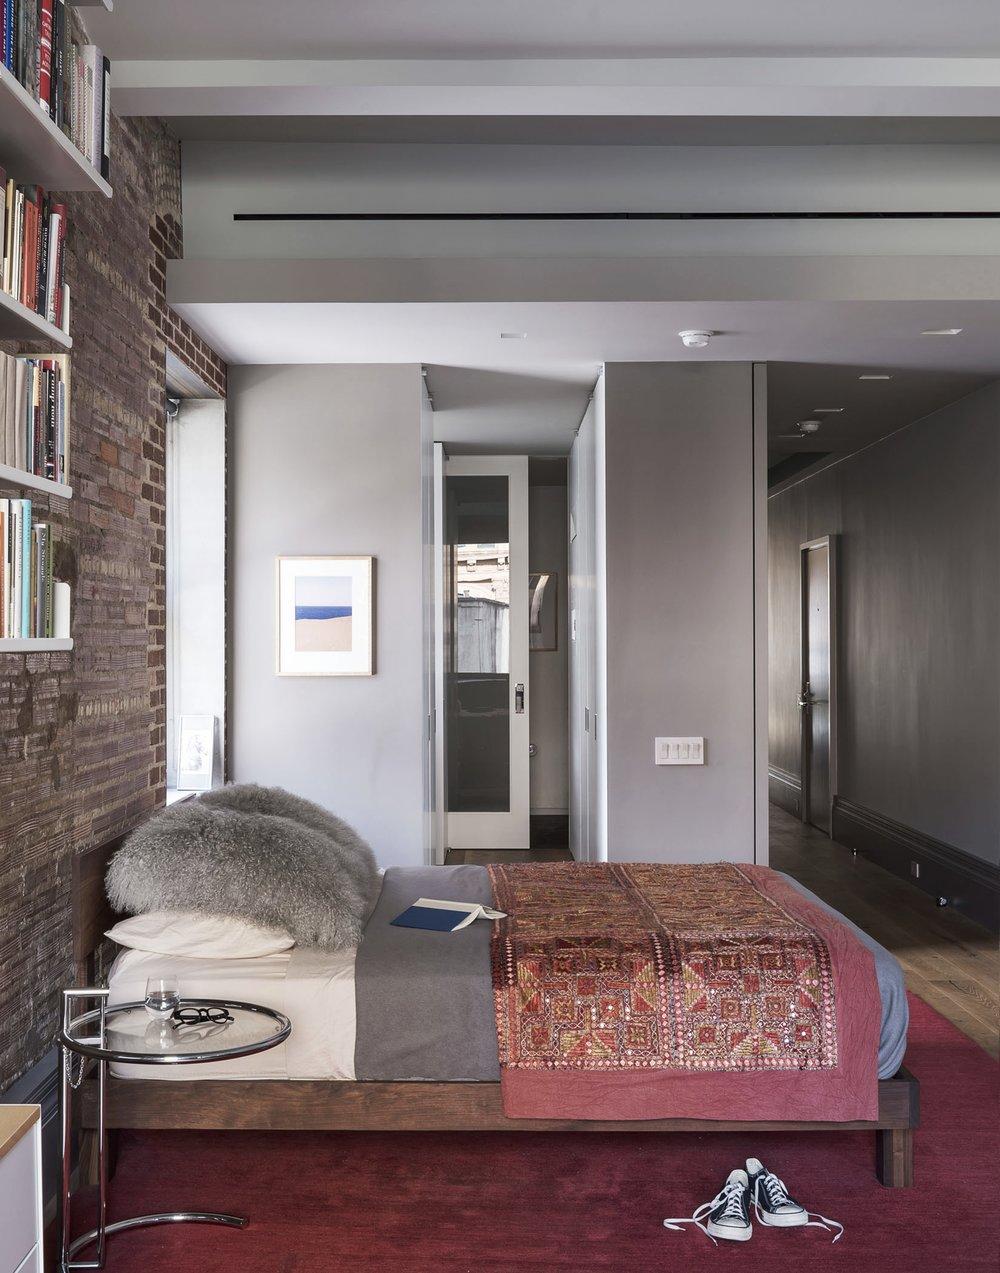 12th Street Loft Master Bedroom